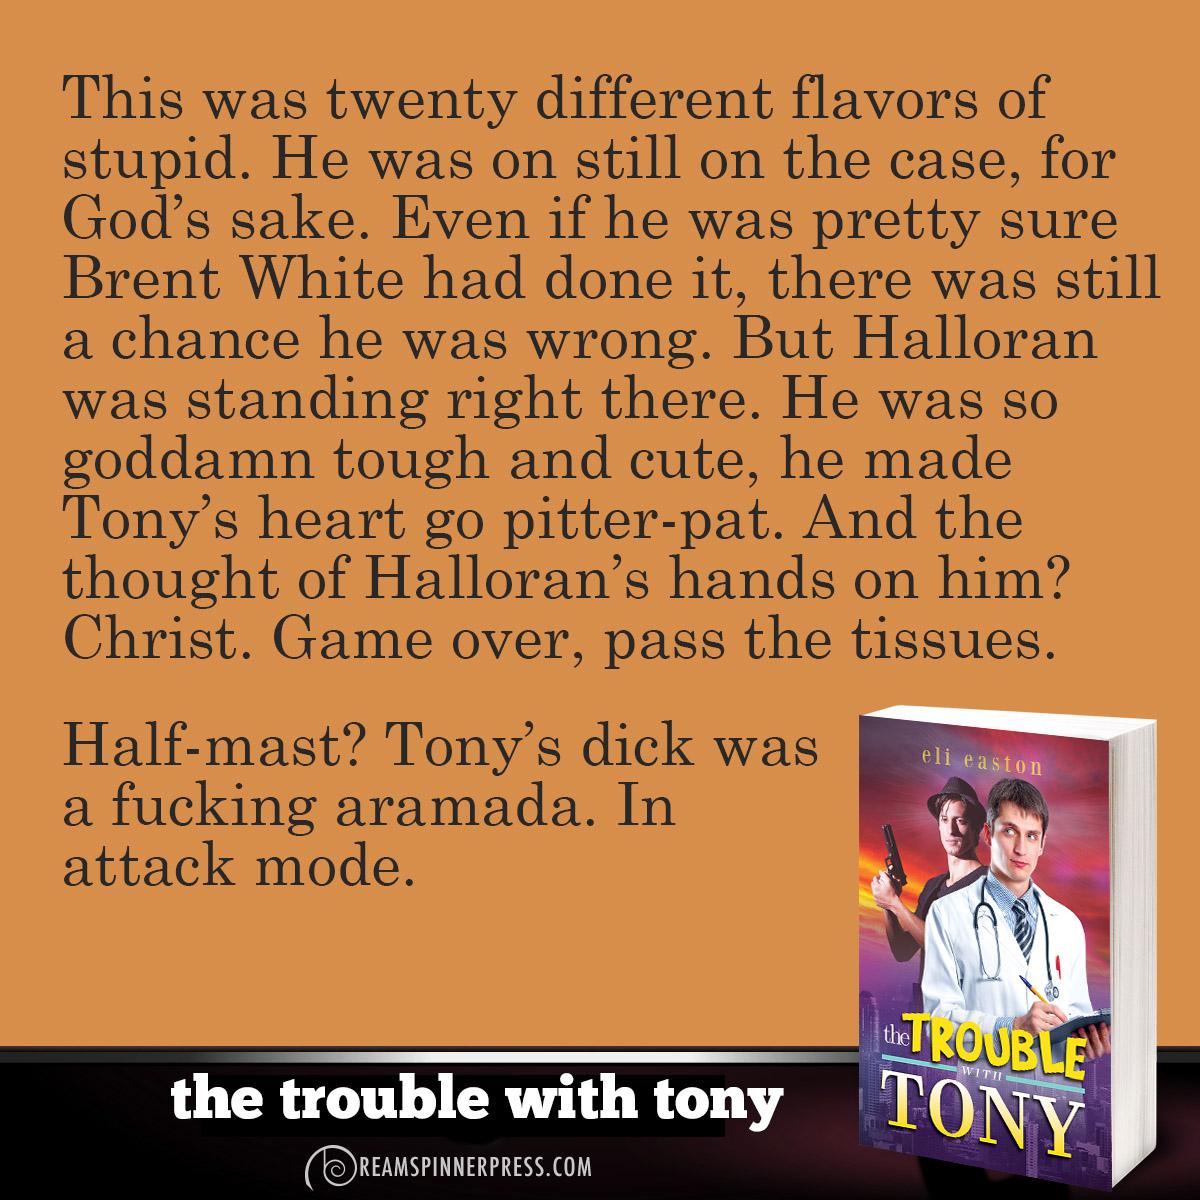 Tony_Meme_Square-2.jpg